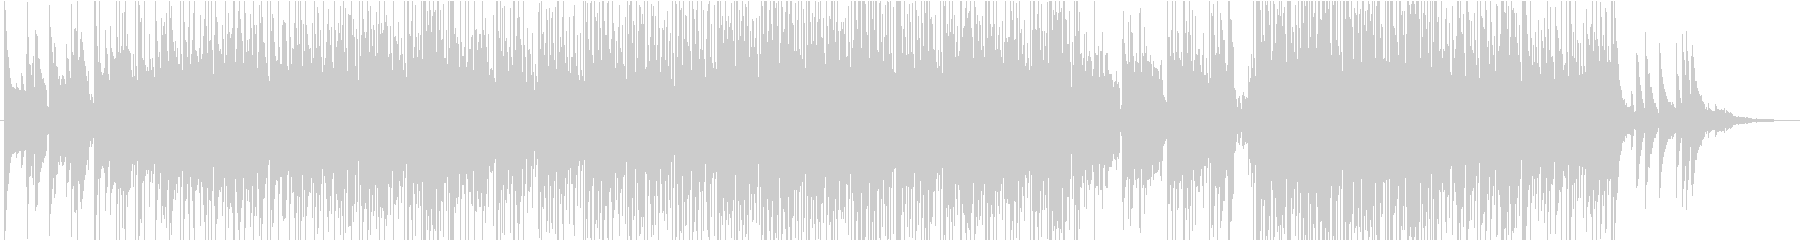 ファンクで暖かい曲の未再生の波形